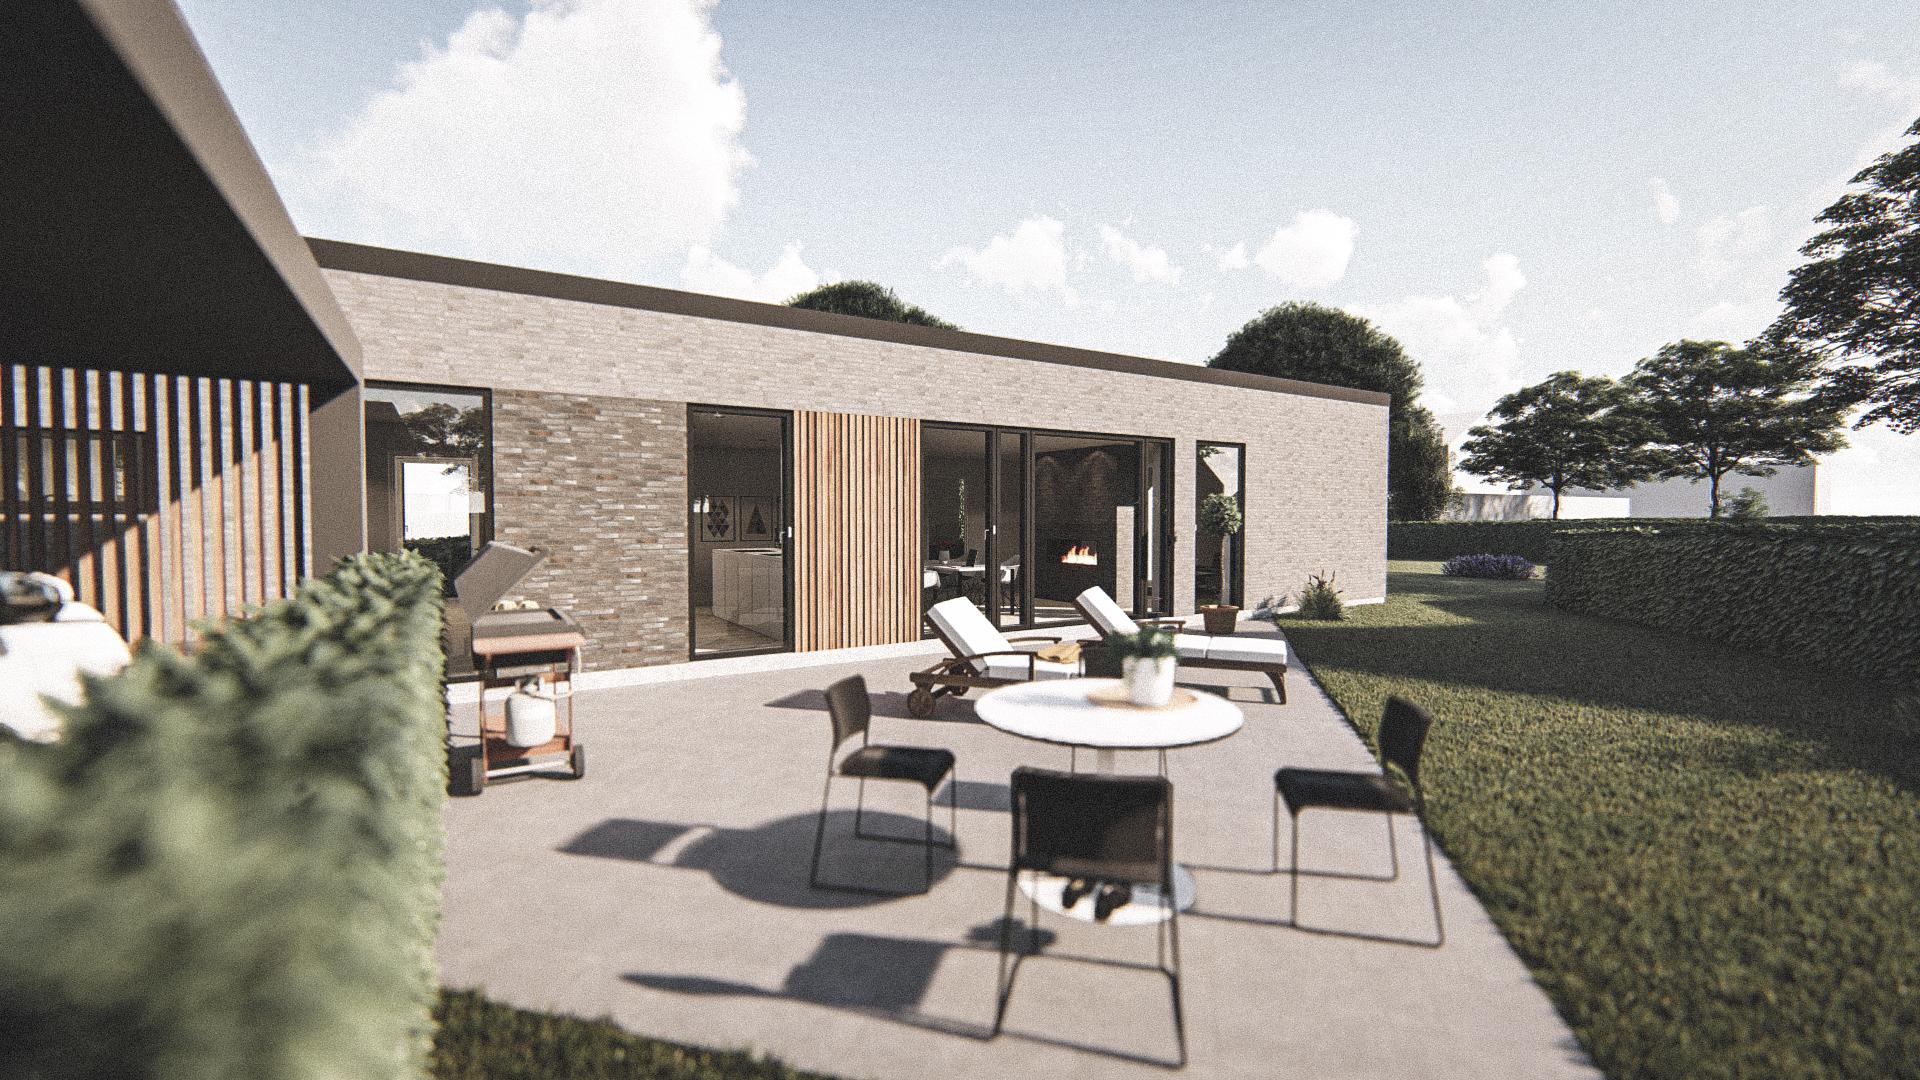 Billede af Dansk arkitekttegnet 1 plan villa af arkitektfirmaet m2plus, i Herning på 186 kvartratmeter.